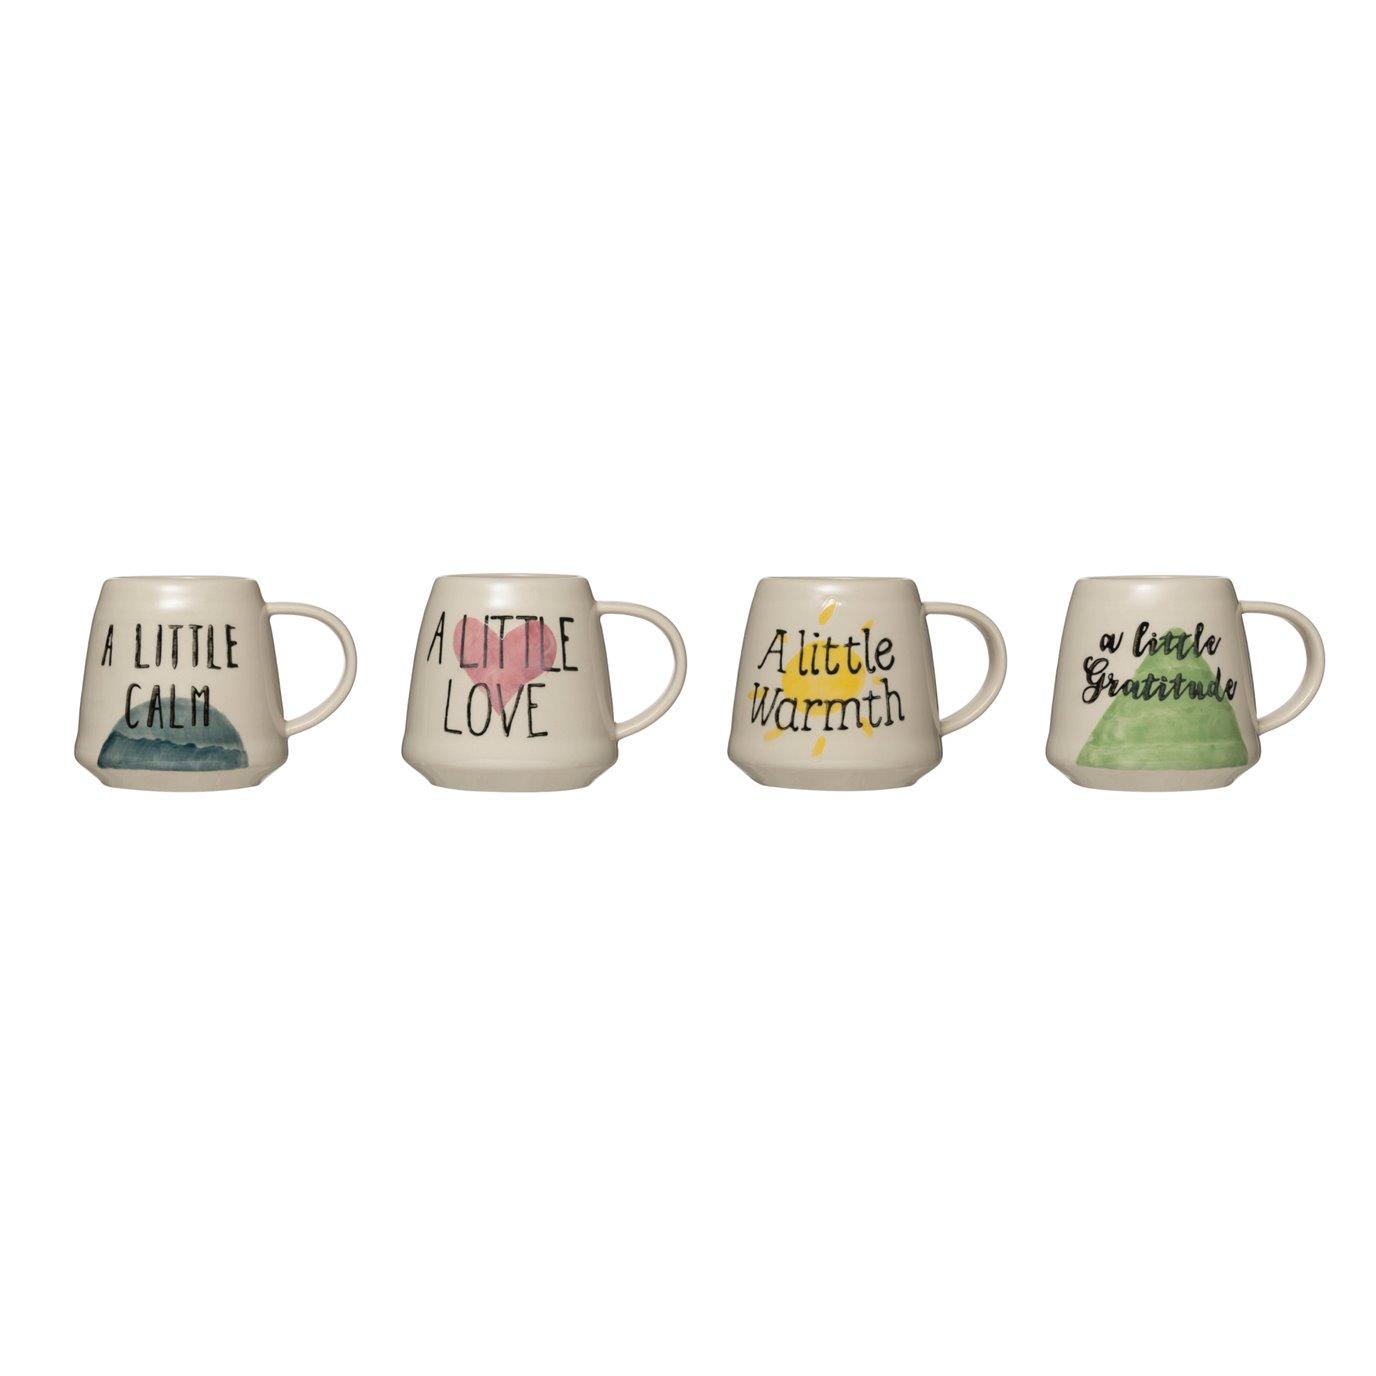 12 oz. Hand-Painted Stoneware Mug with Saying